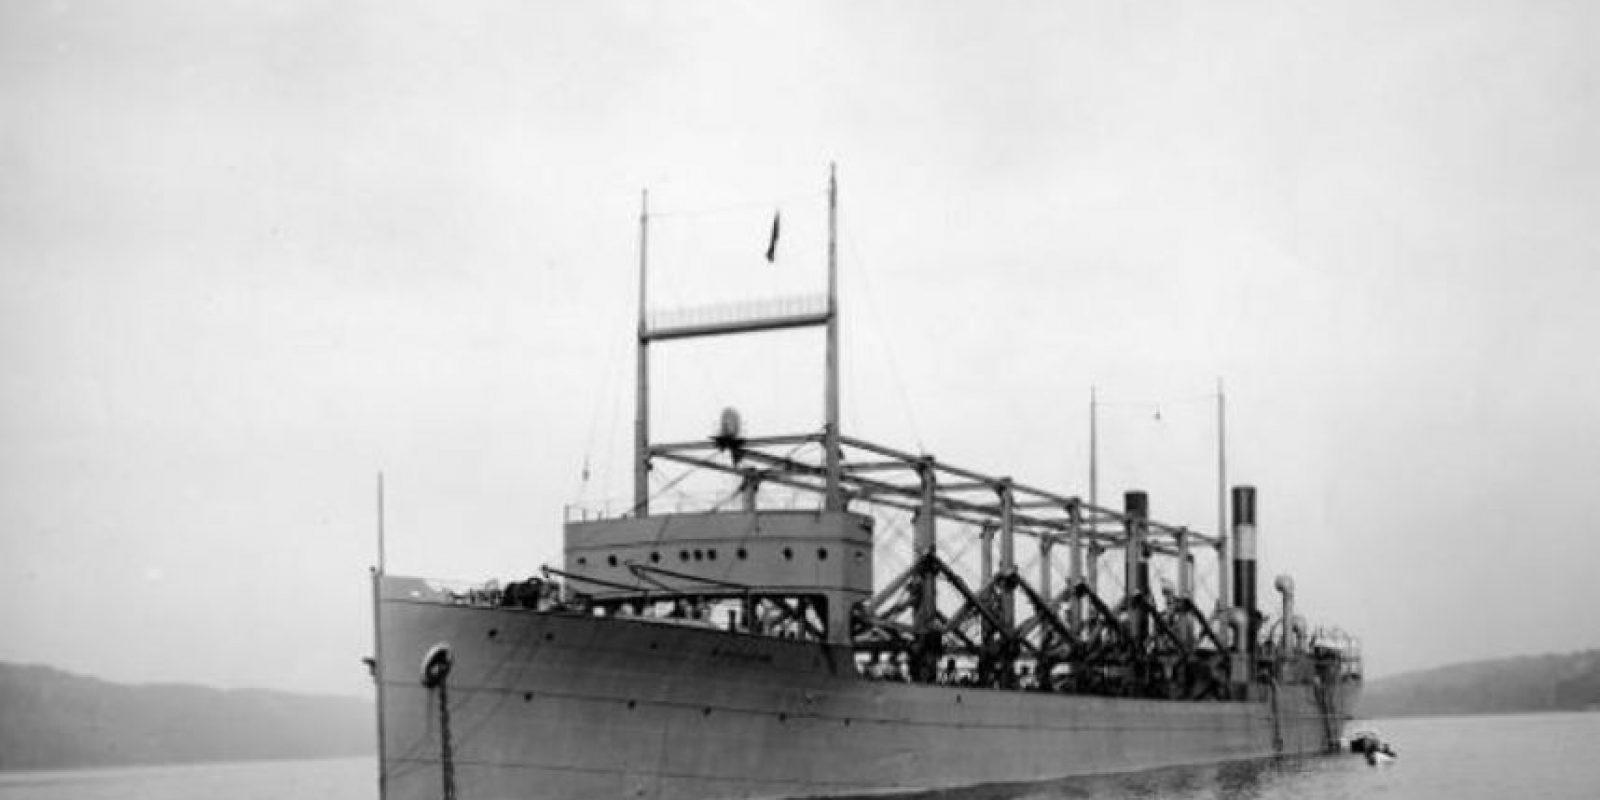 El 4 de marzo de 1918 la nave norteamericana USS Cyclop partió desde Barbados para desaparecer horas más tarde con sus 309 pasajeros Foto:Wikipedia.org